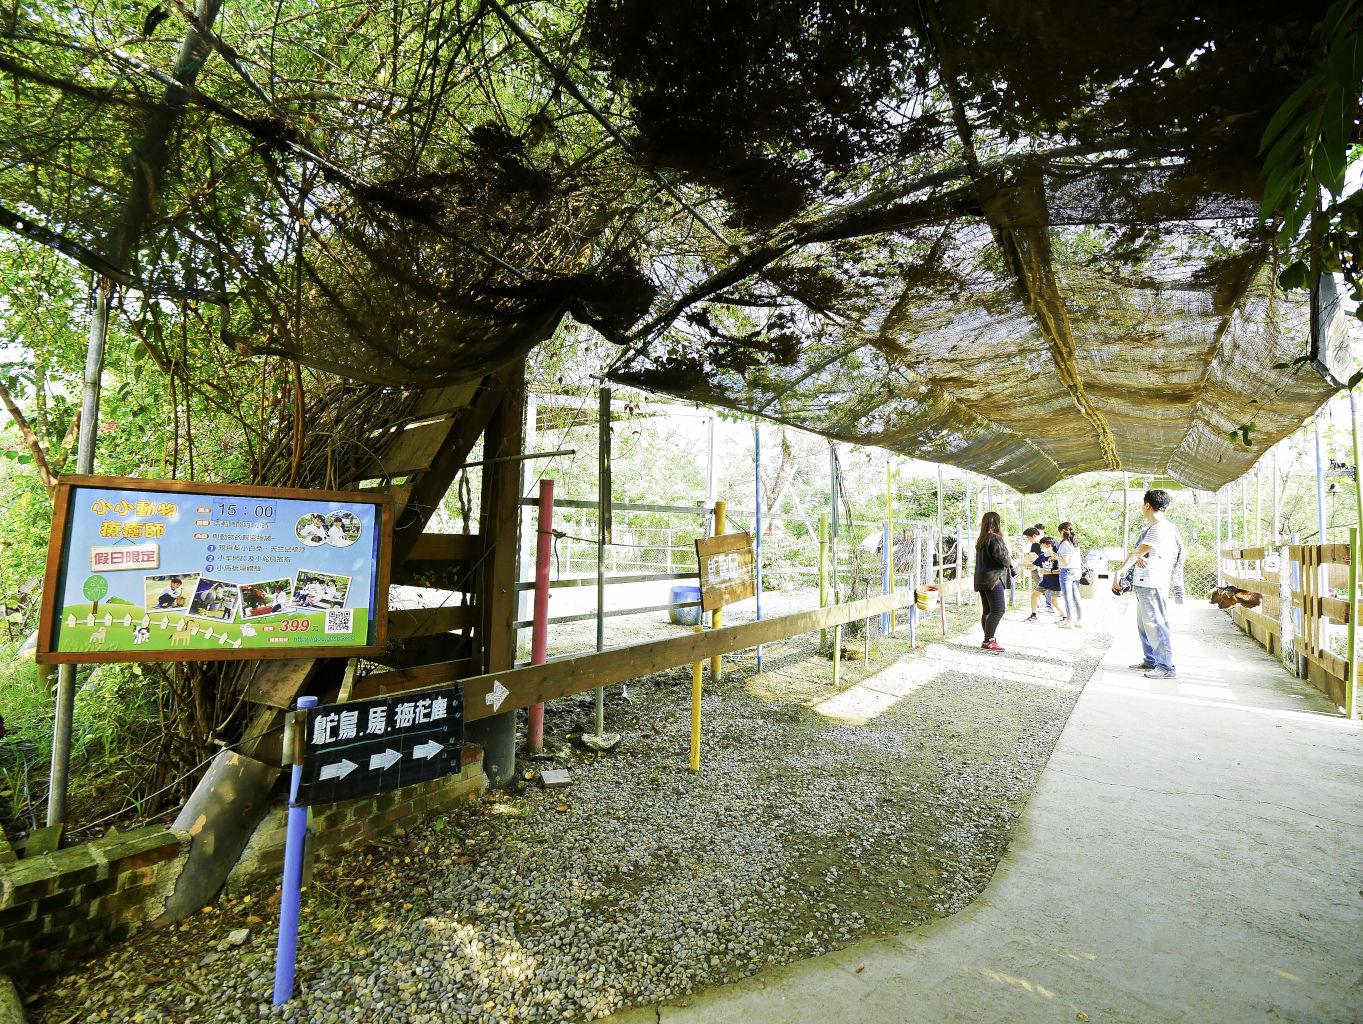 樹谷生活科學館,樹谷農場,樹谷體驗場-53.jpg